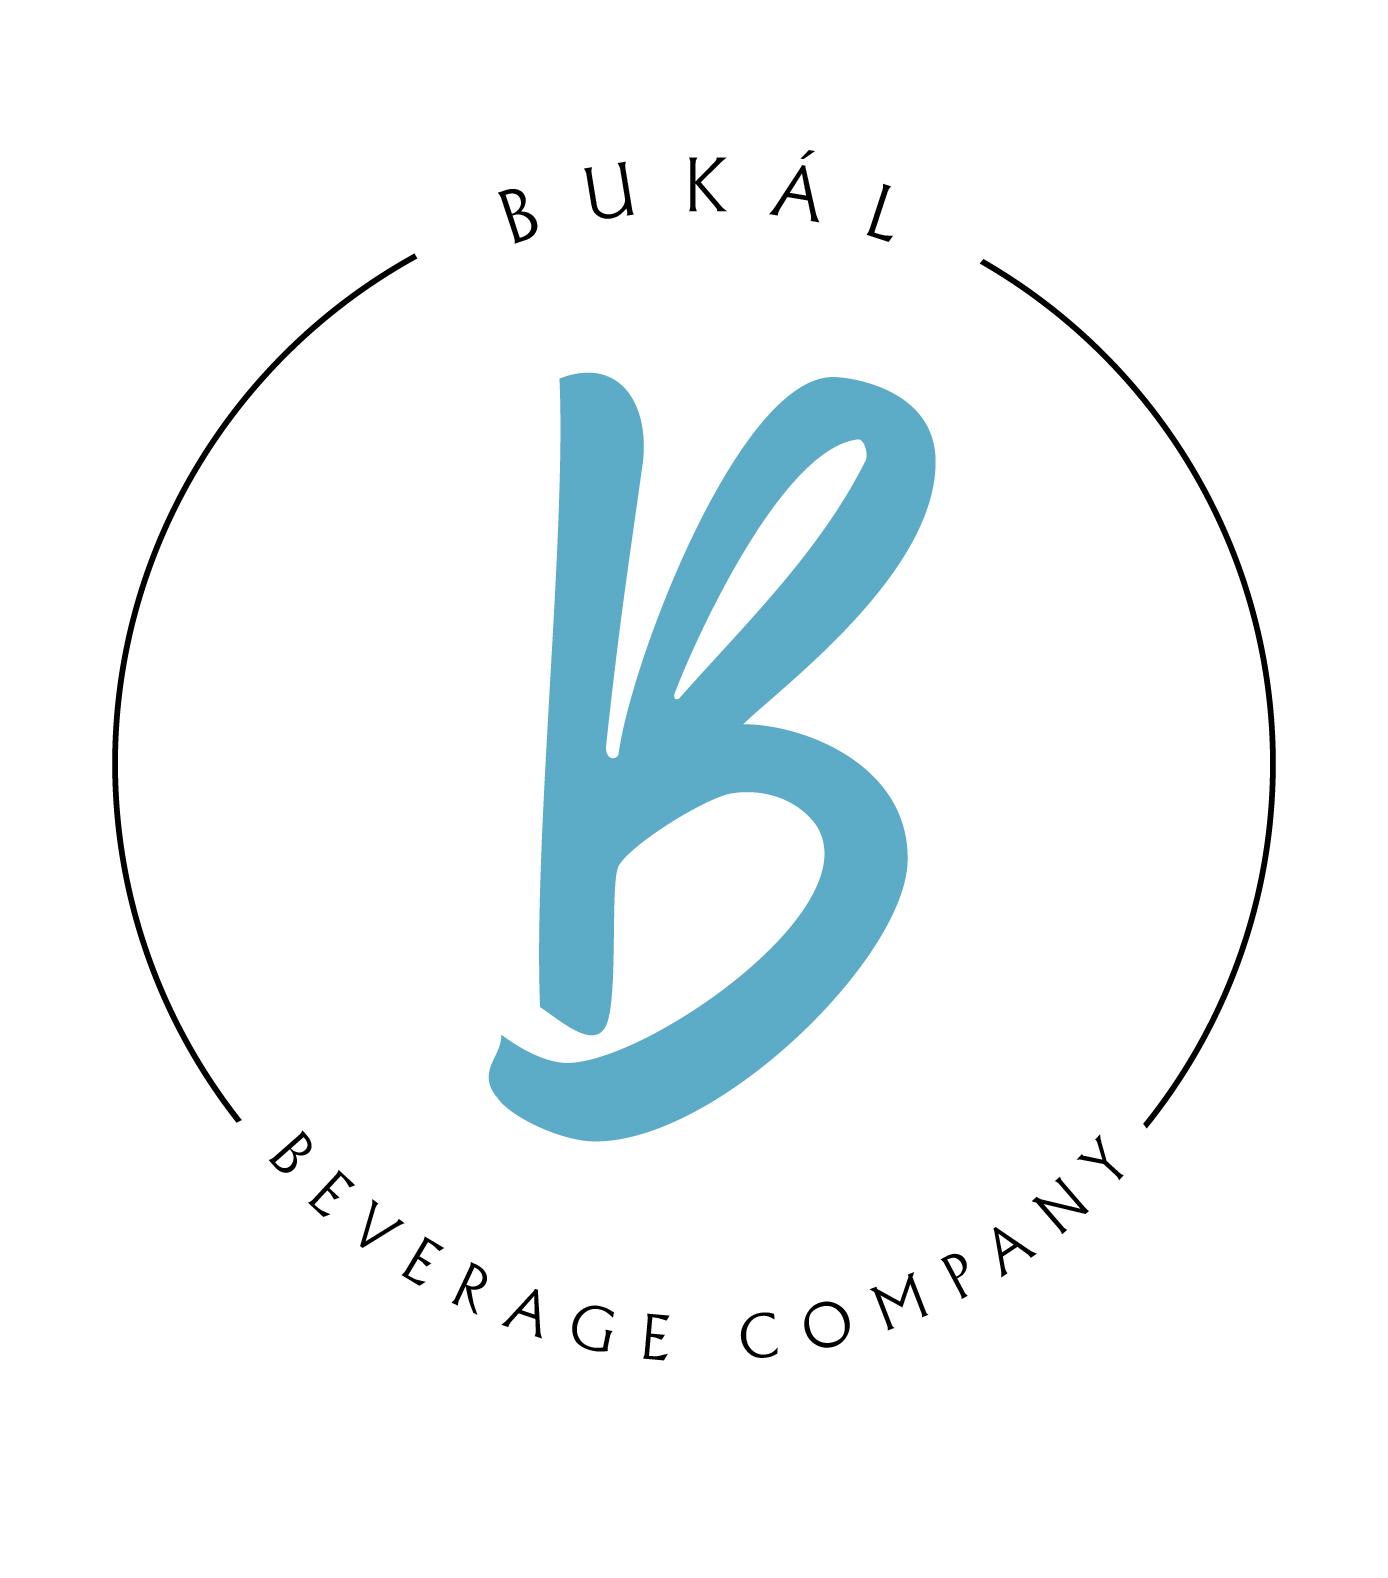 Buka¦ül - Beverage Co.jpg